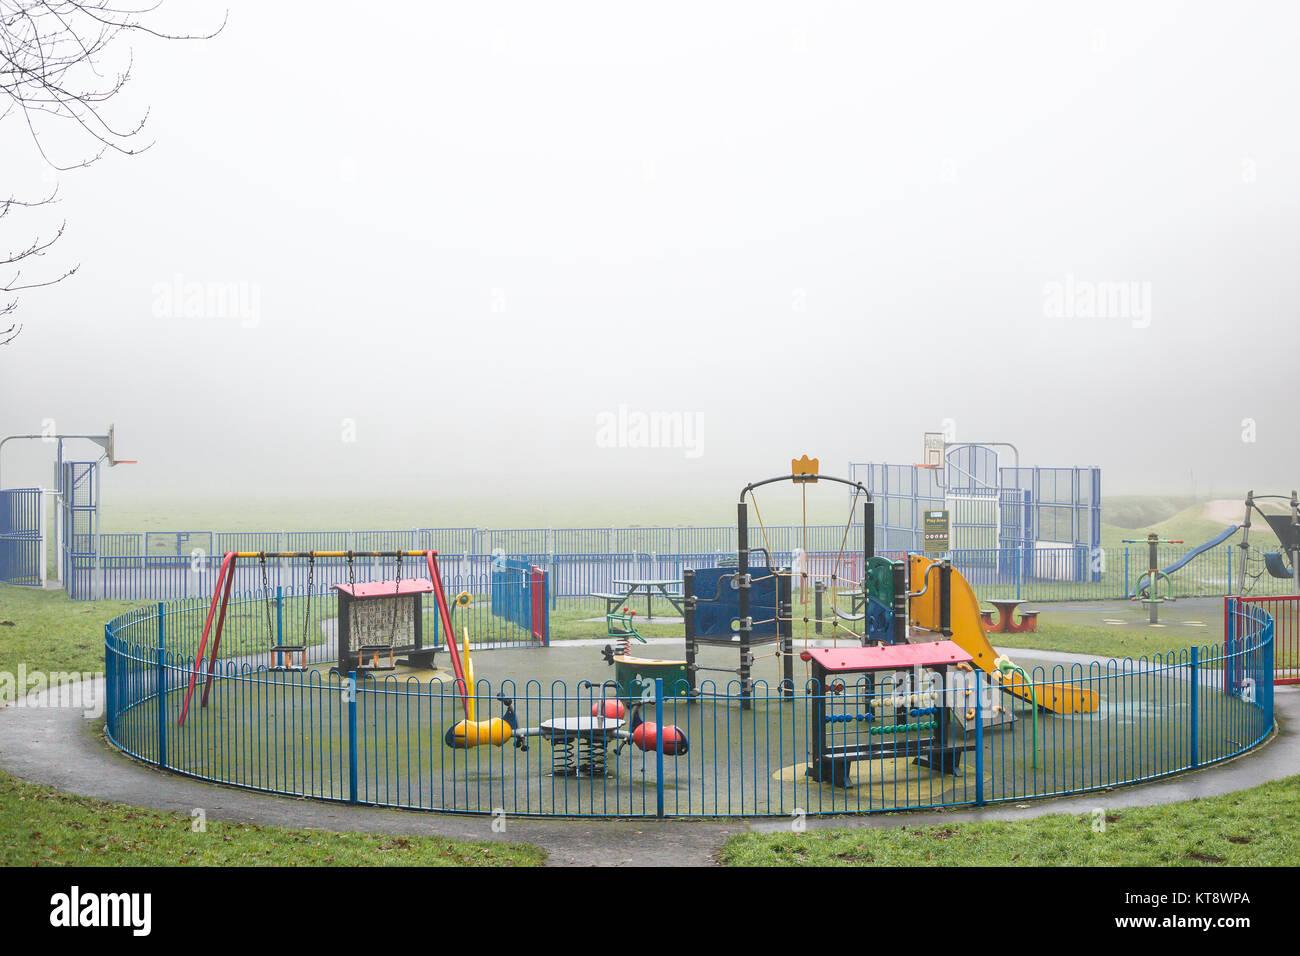 Kidderminster, UK. 22 Décembre, 2017. Météo France: le brouillard s'arrête de jouer Photo Stock